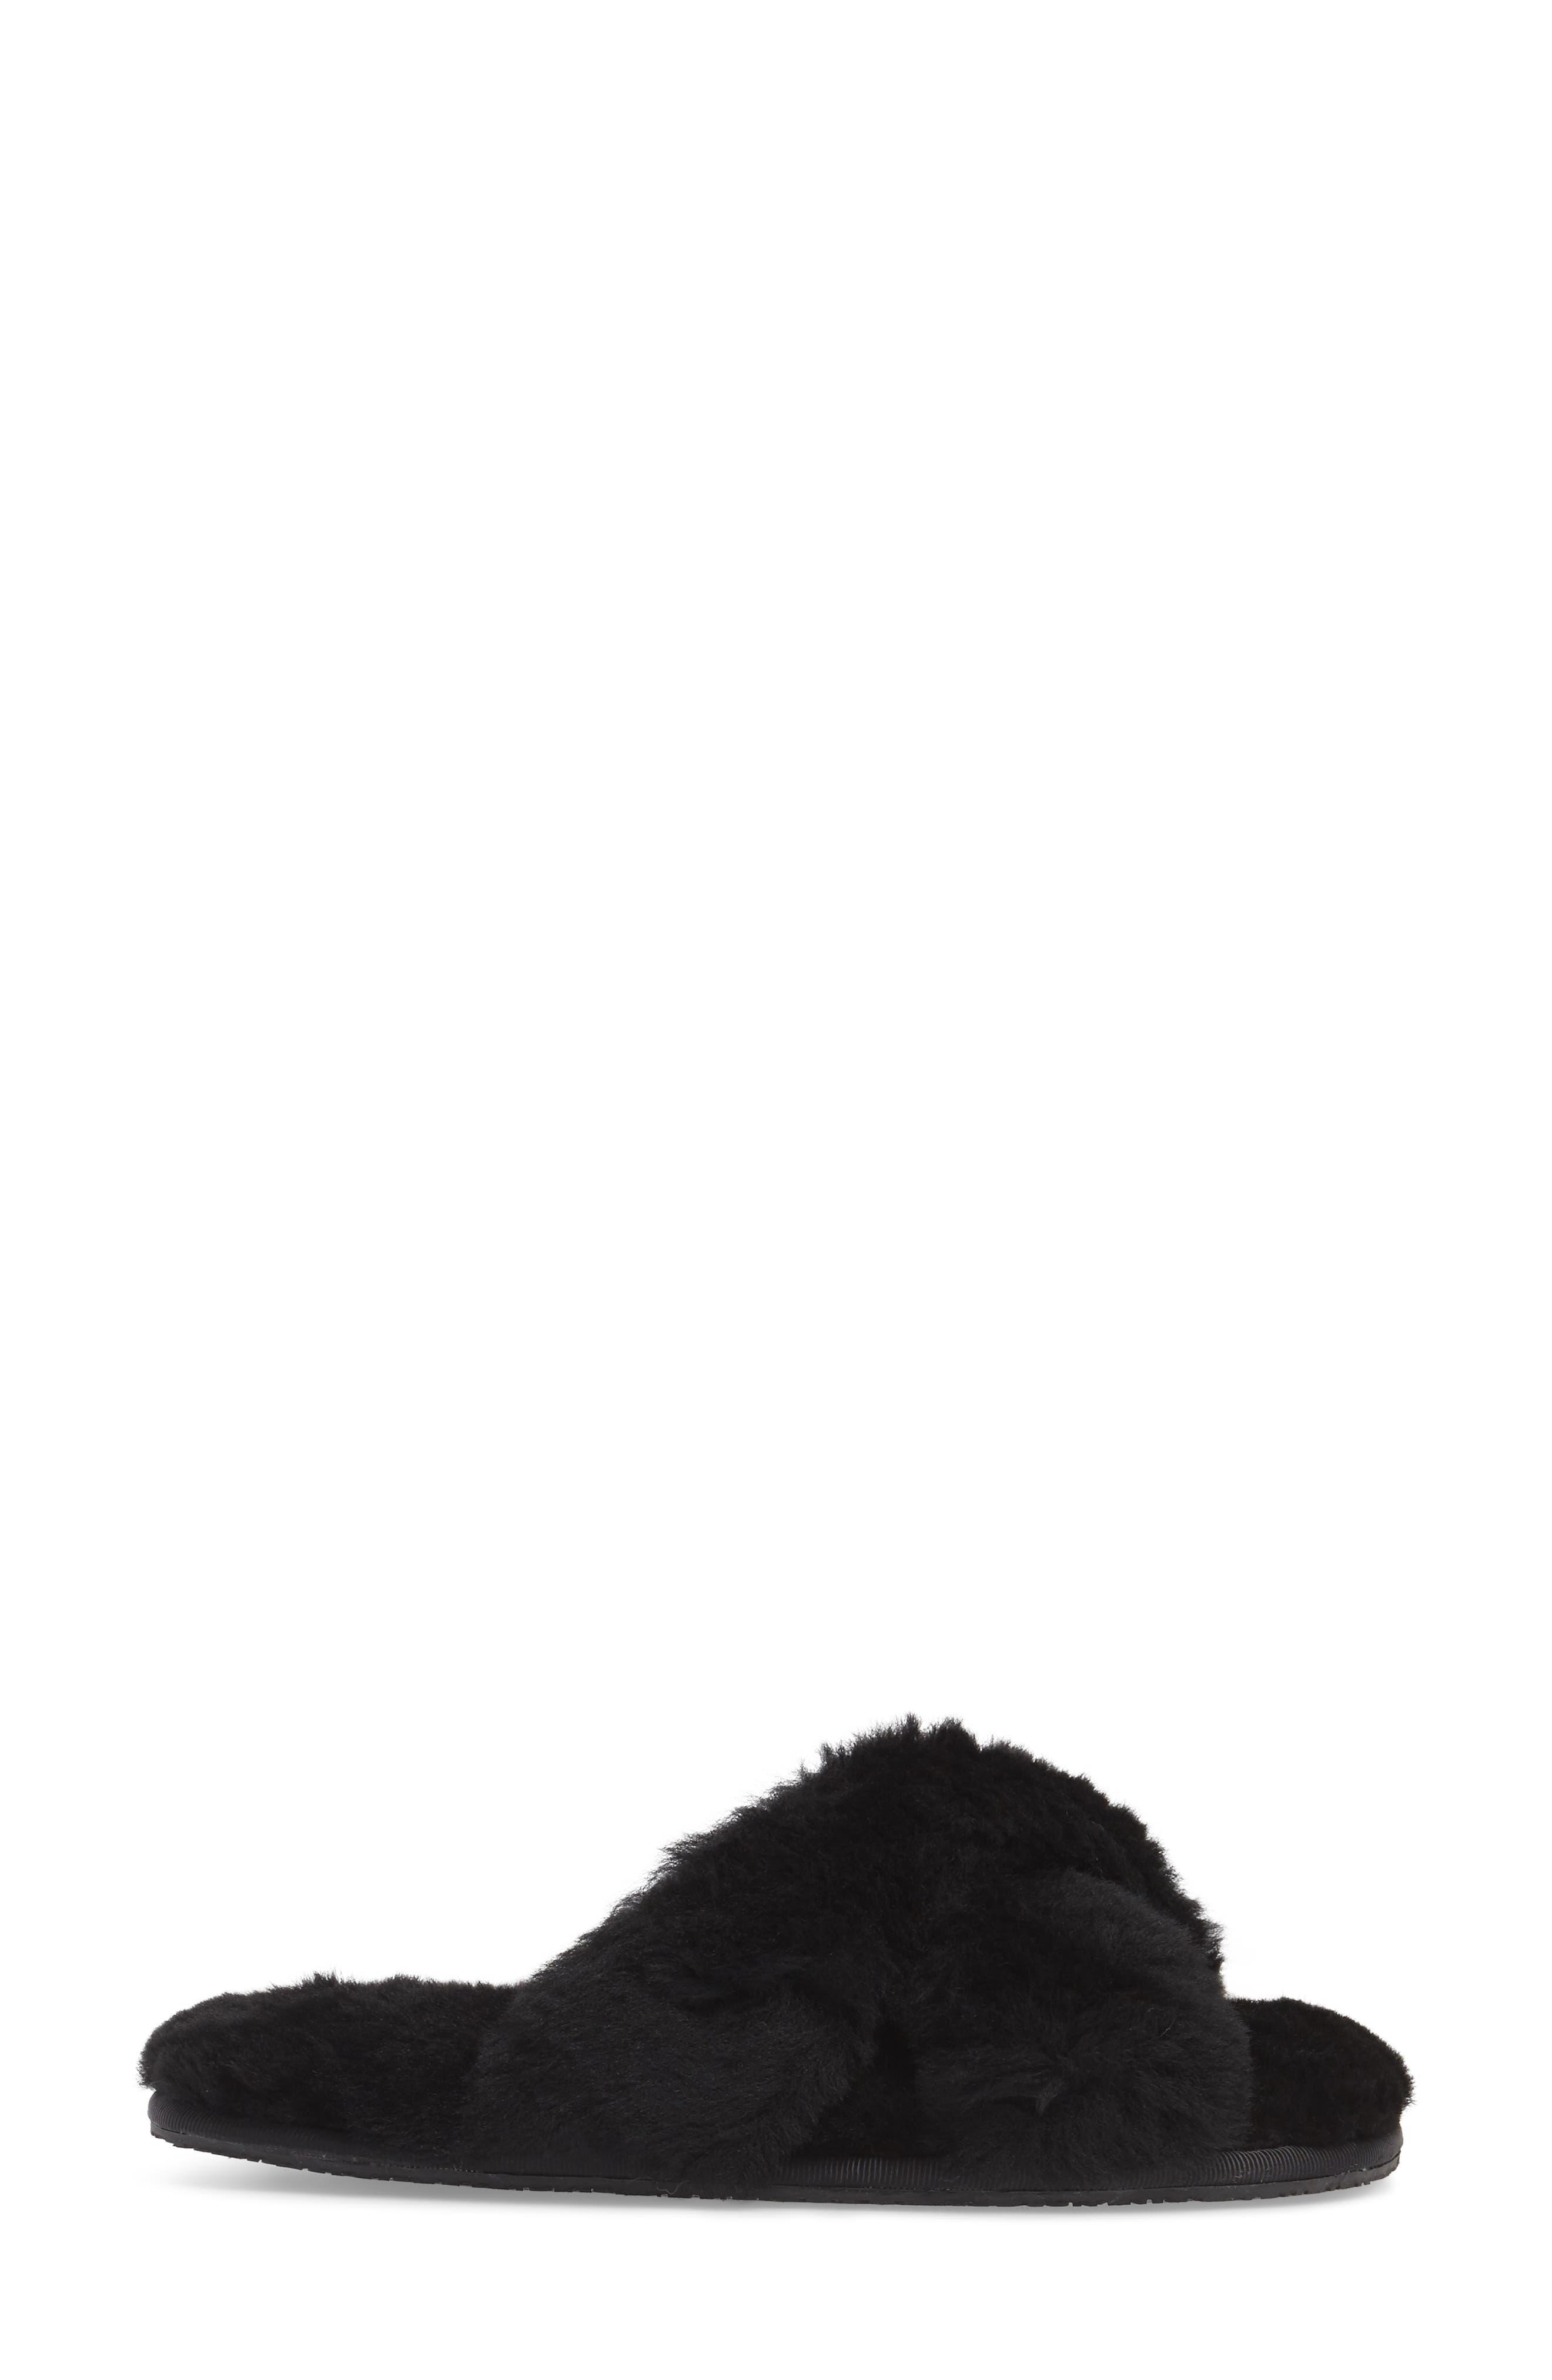 Mt. Hood Genuine Shearling Slipper,                             Alternate thumbnail 3, color,                             BLACK